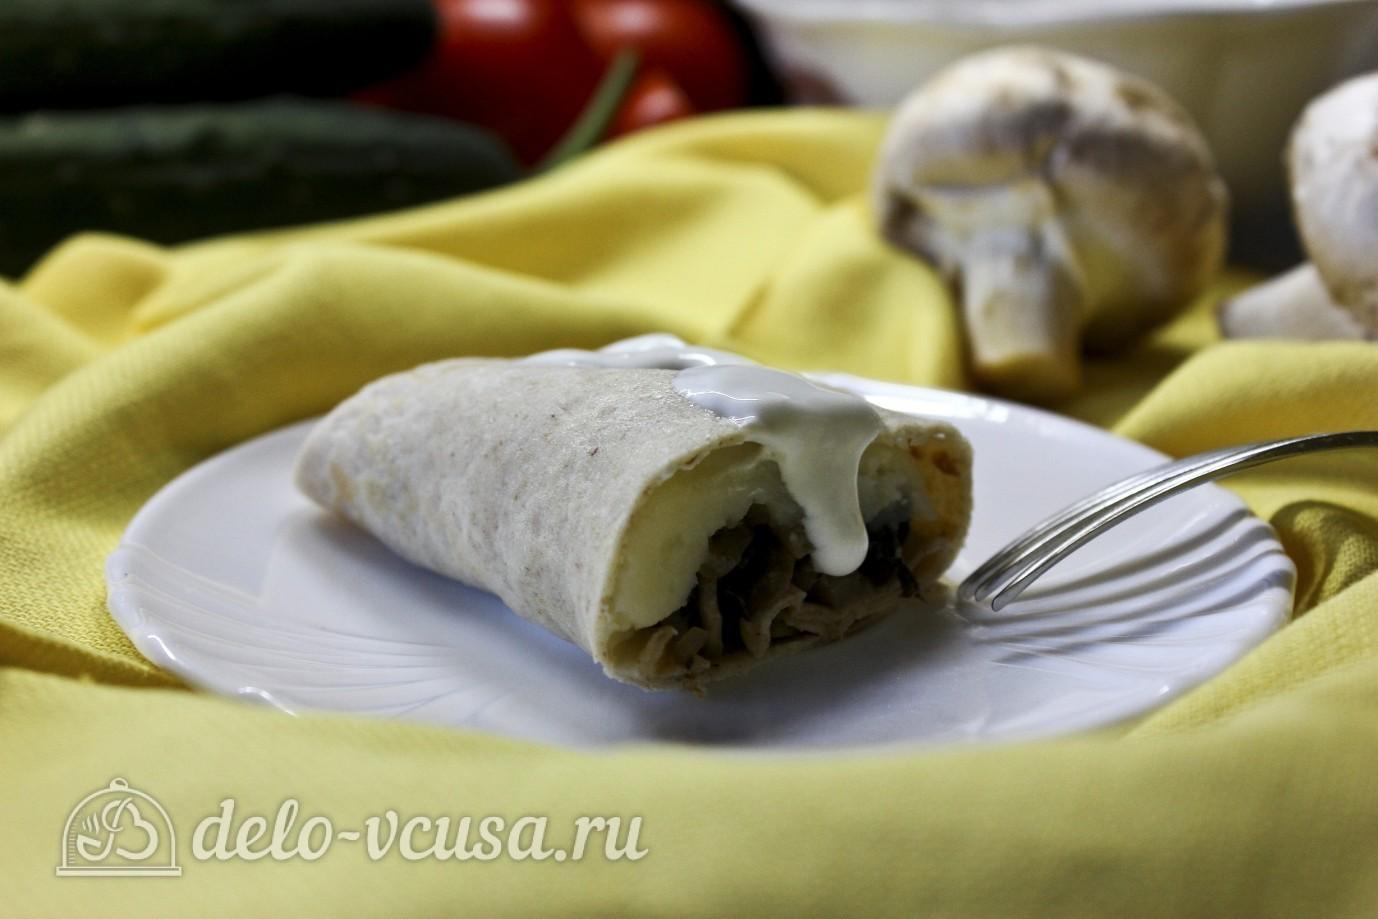 Соус для блинчиков с мясом рецепт пошагово